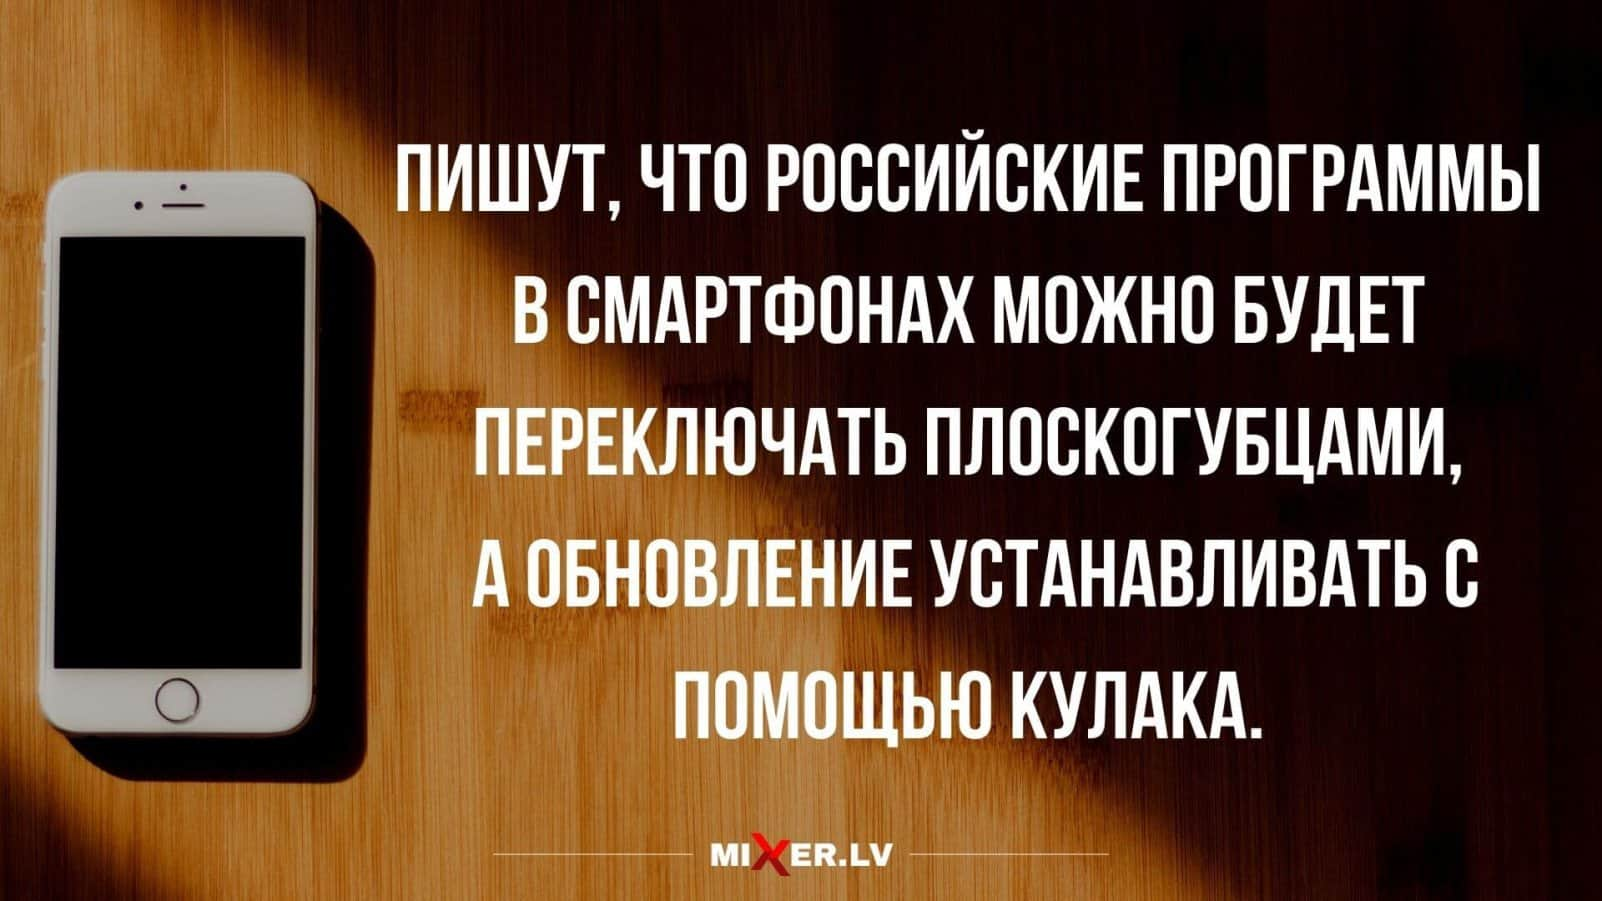 Анекдоты за день и российские приложение в смартфонах